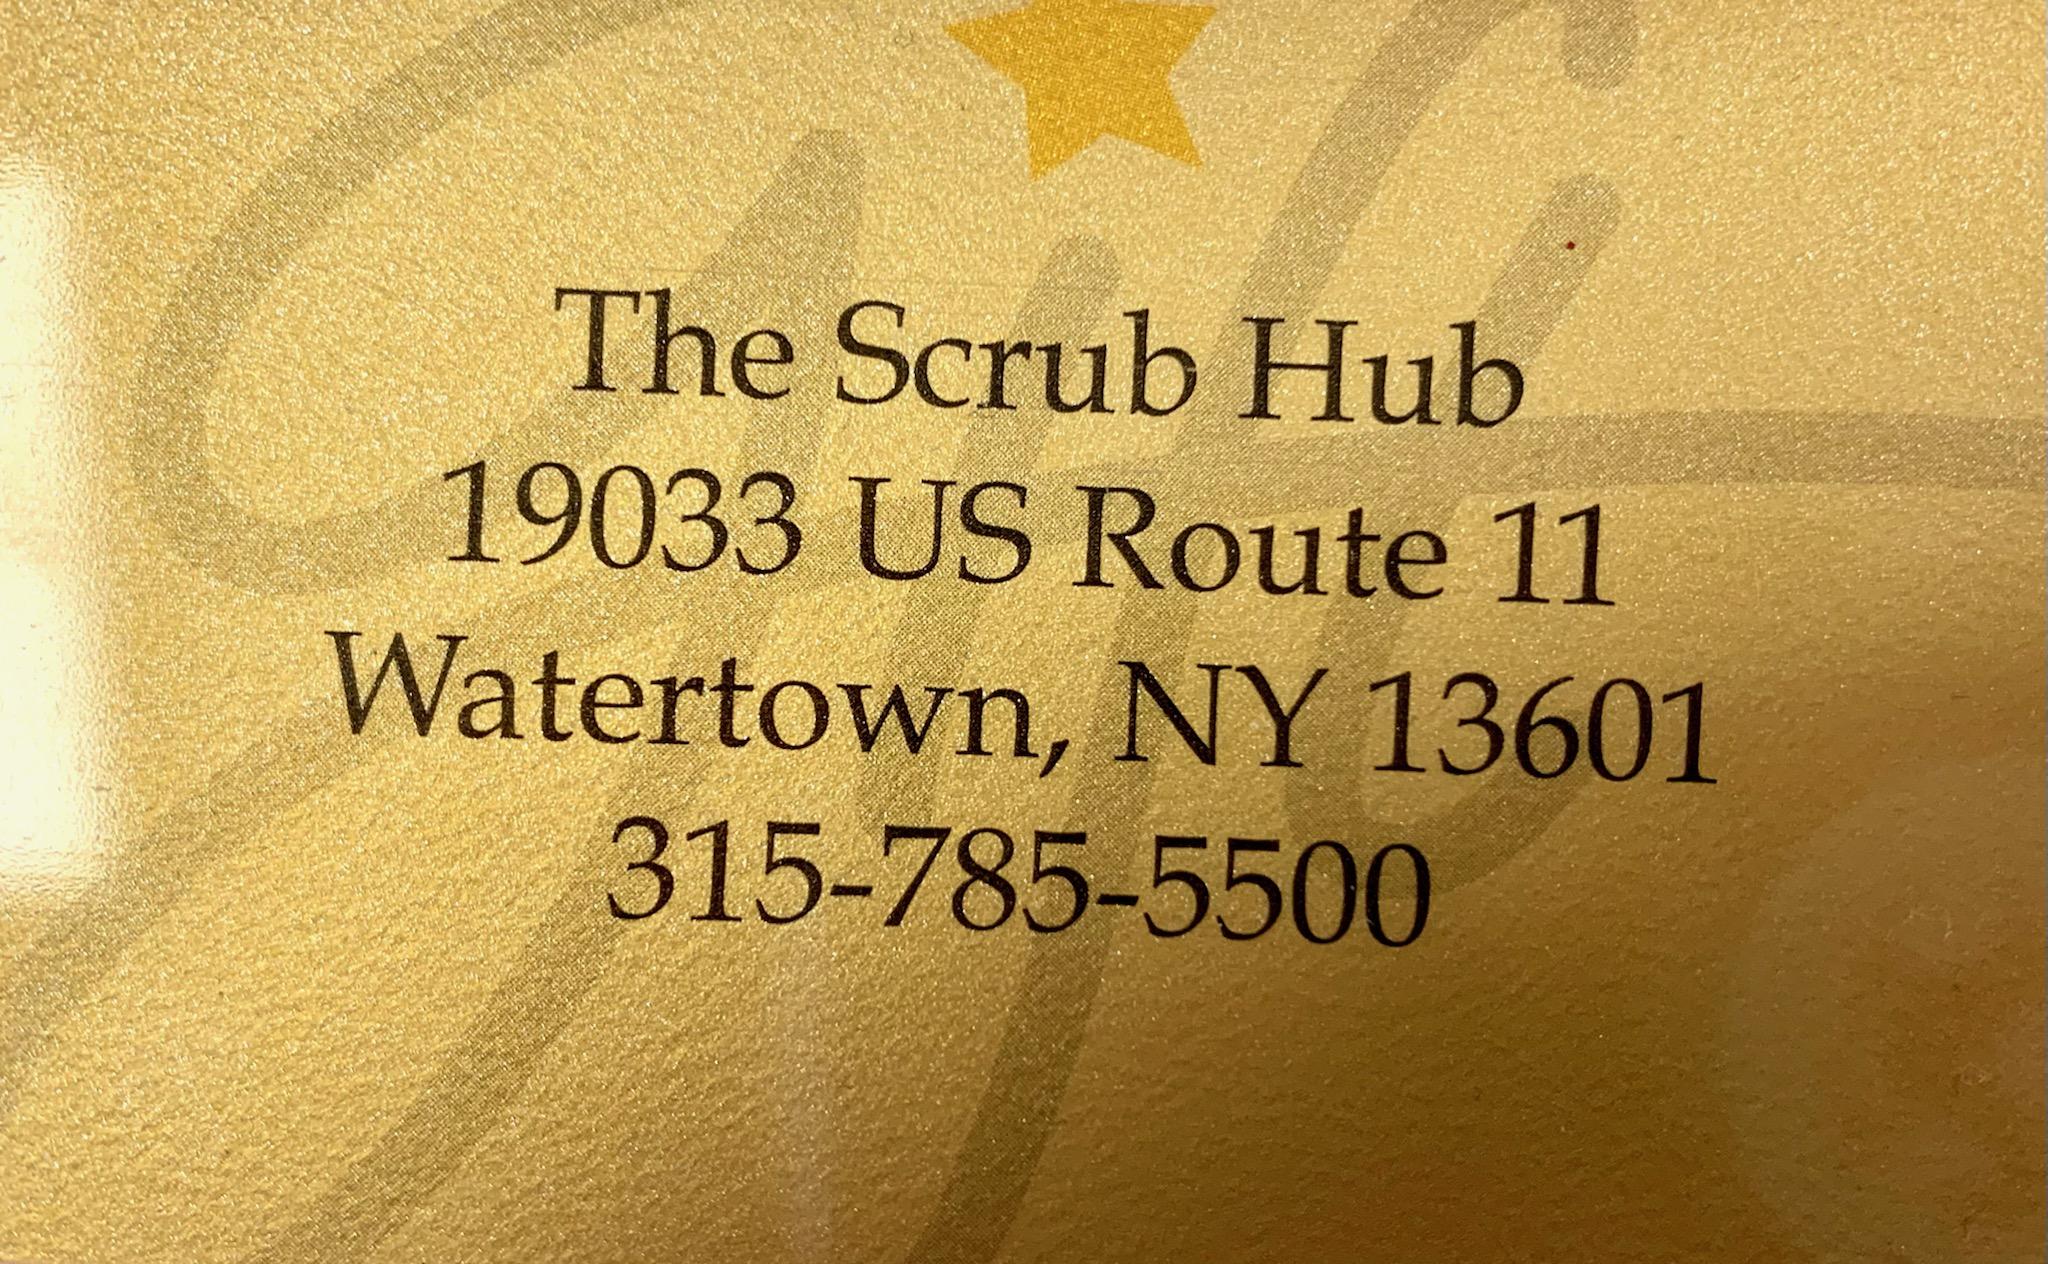 Gift Card $75-The Scrub Hub